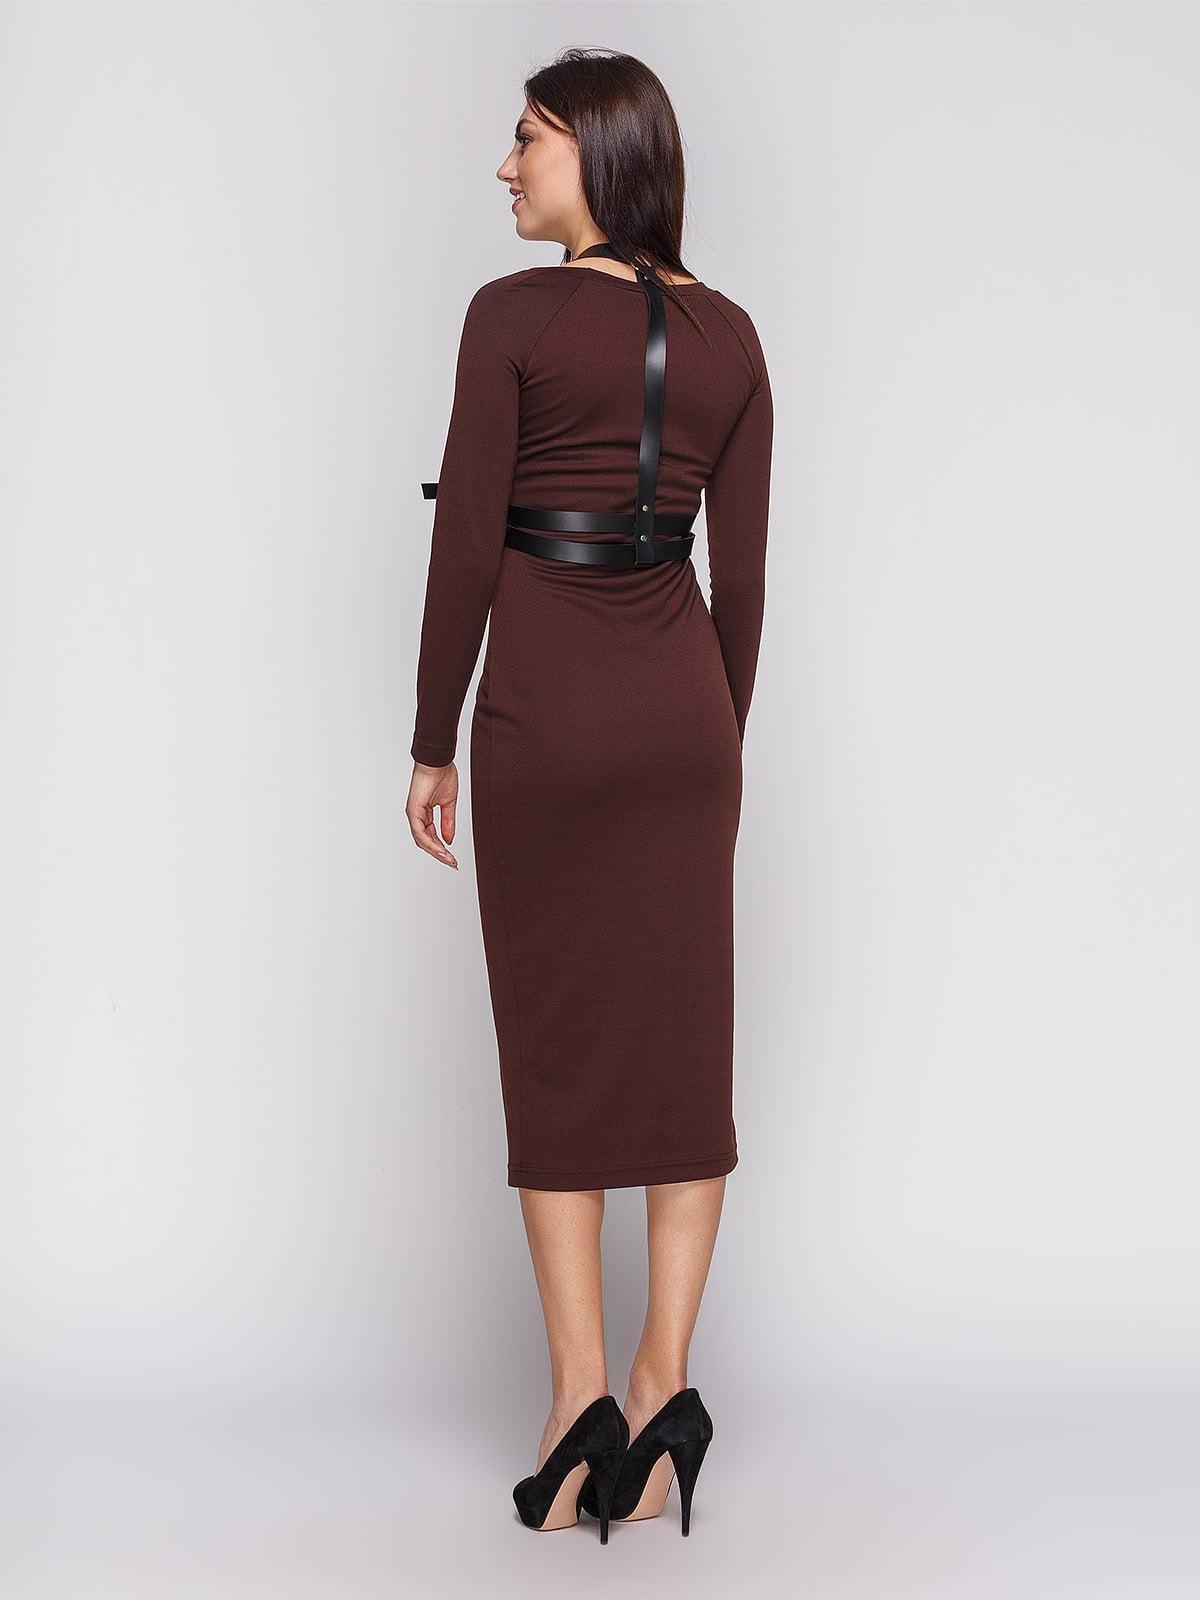 Платье коричневое с портупеей   3665345   фото 2